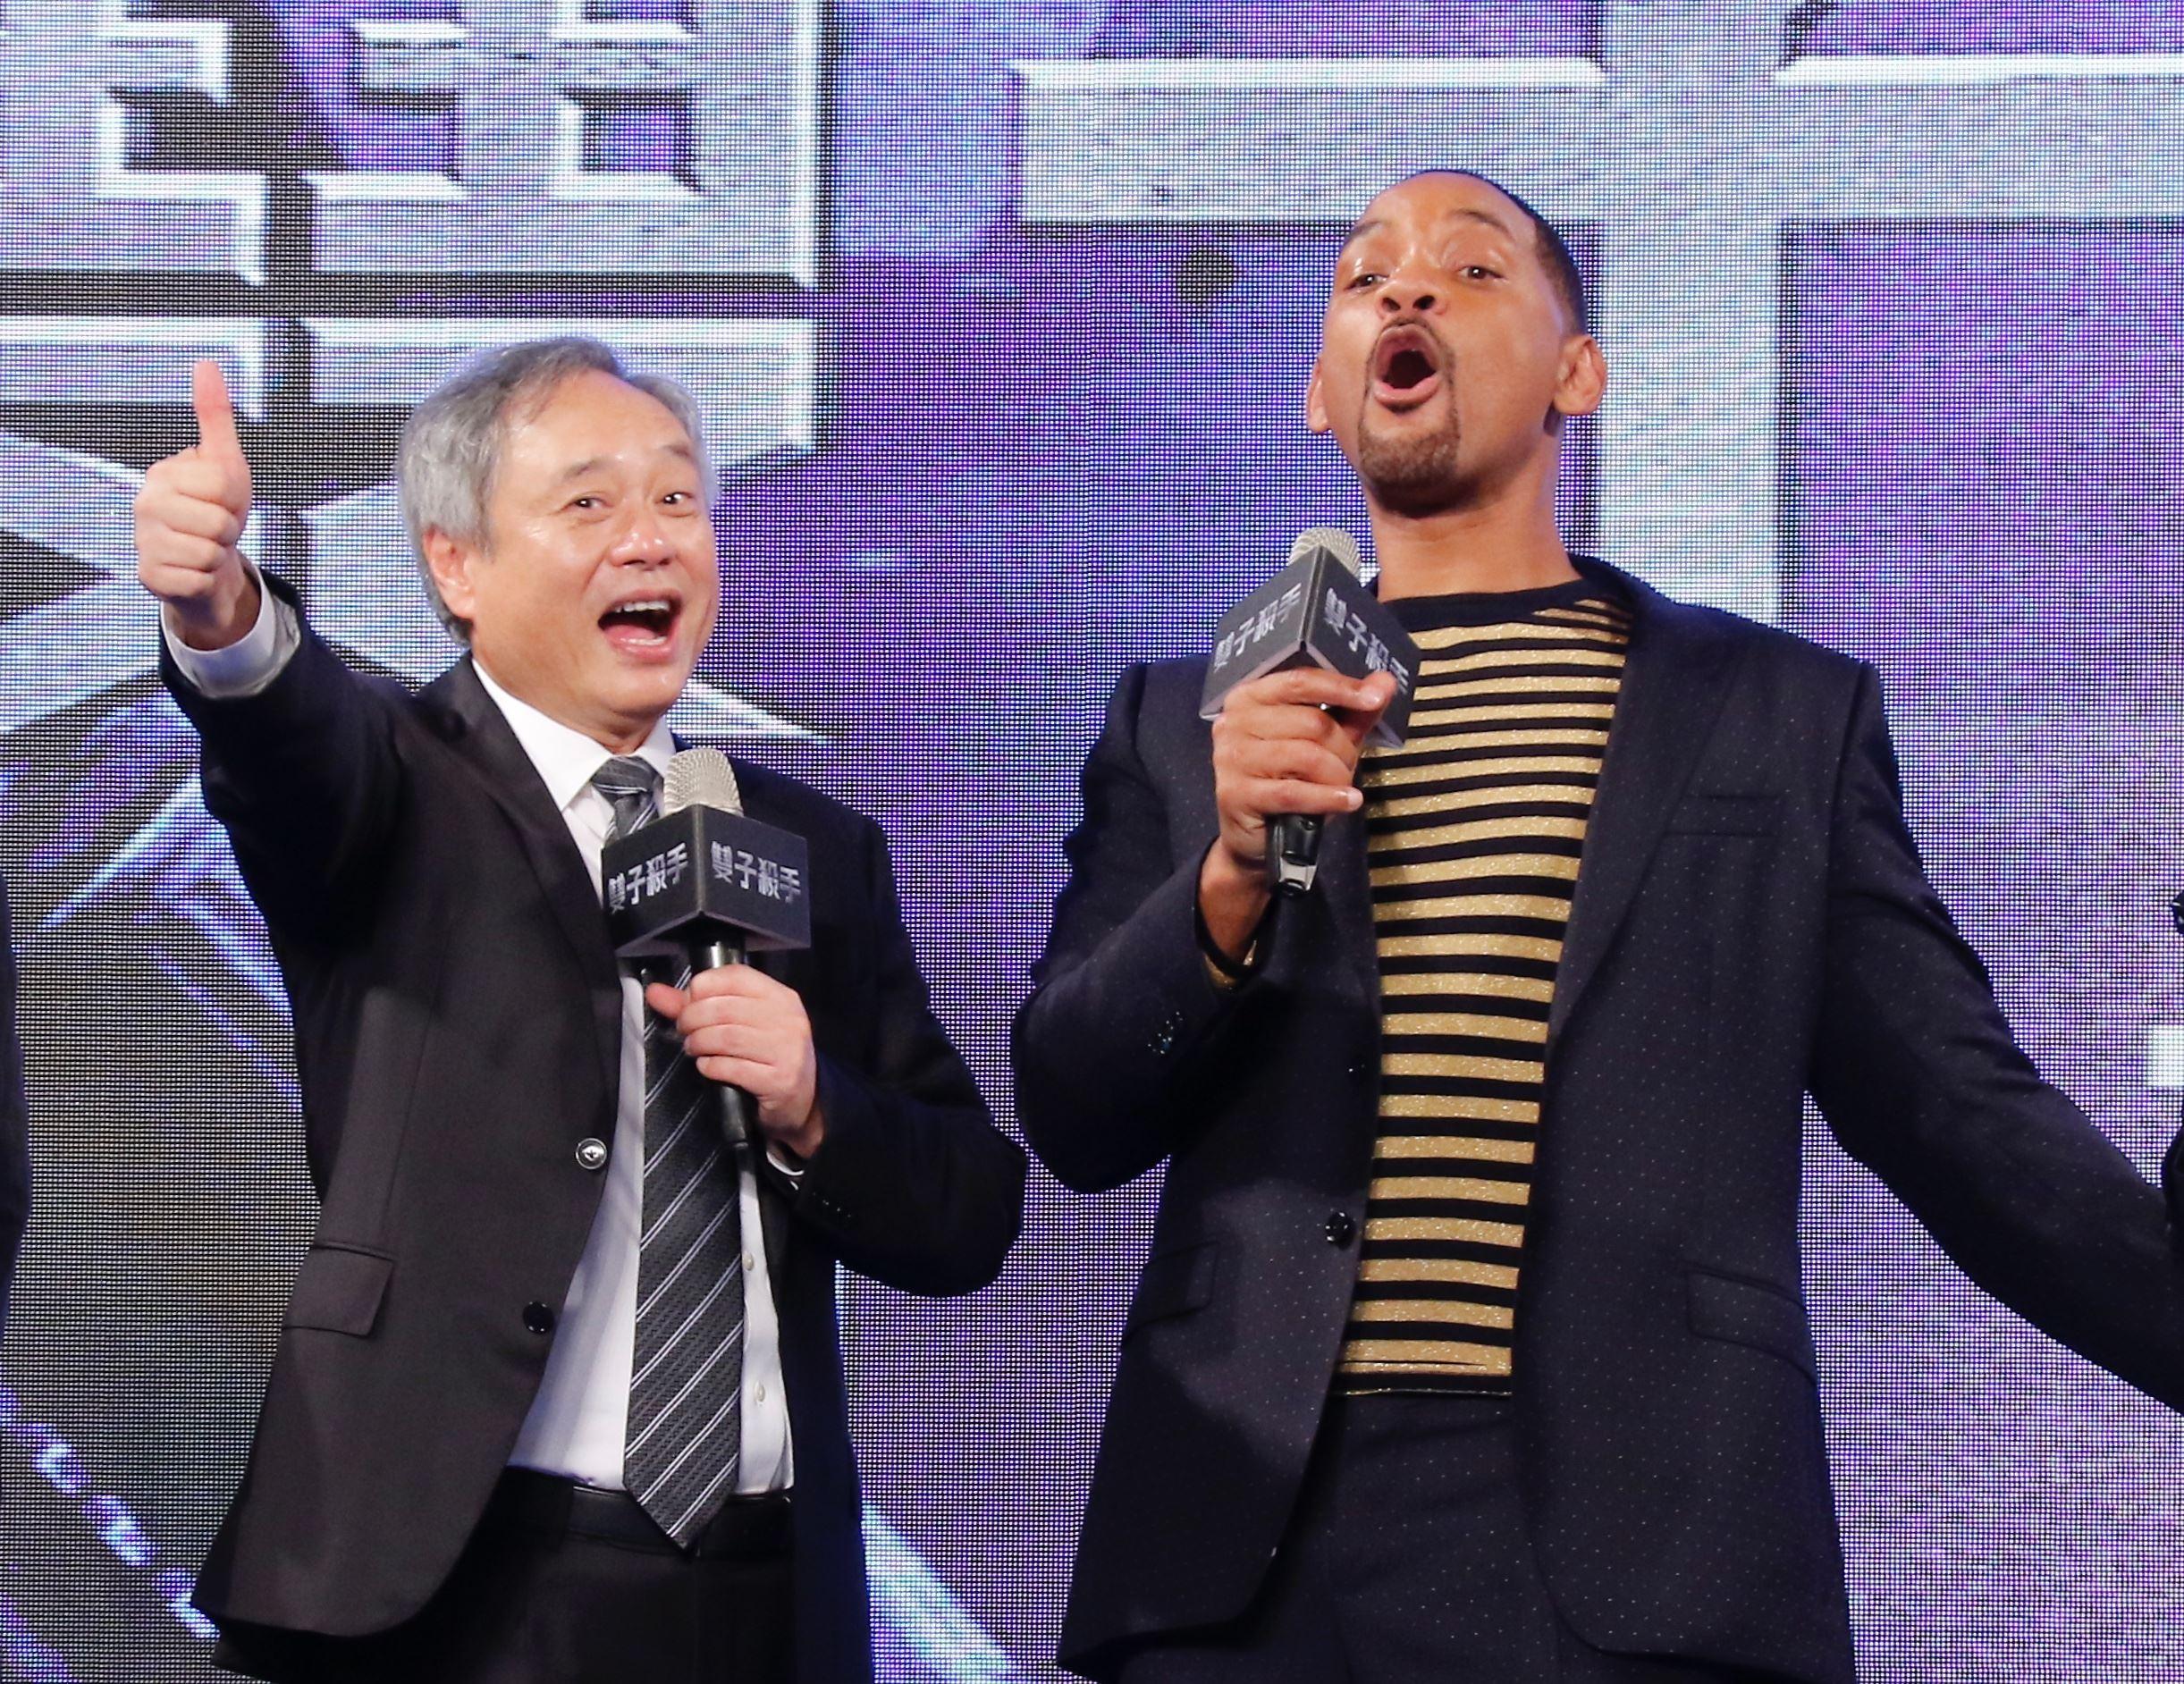 導演李安與威爾史密斯出席《雙子殺手》台北首映會。(圖/記者林聖凱攝影)